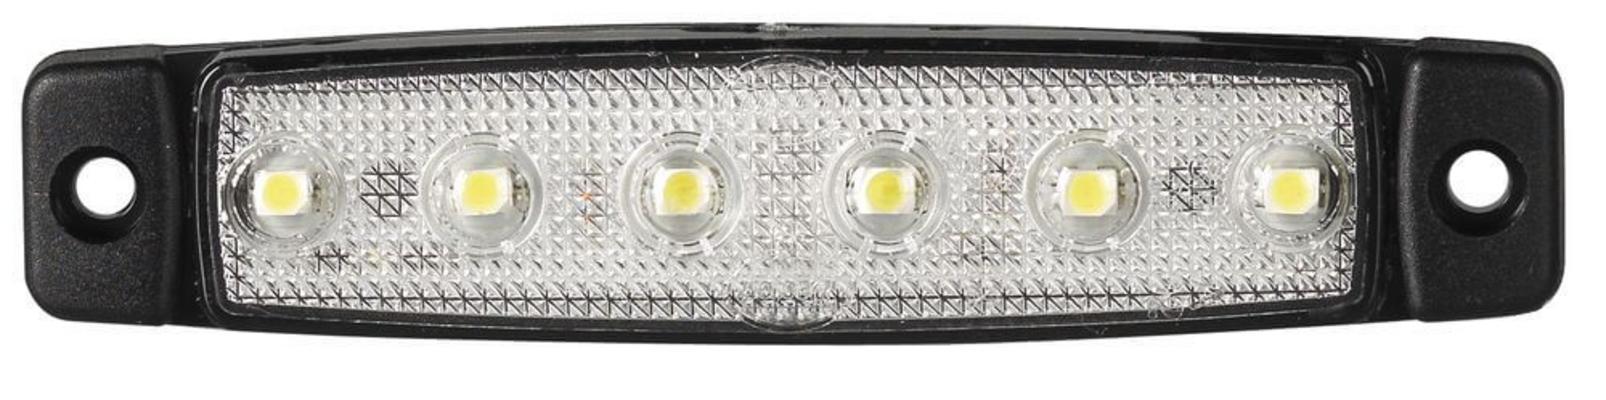 LED-äärivalo 24V | valkoinen, JOL